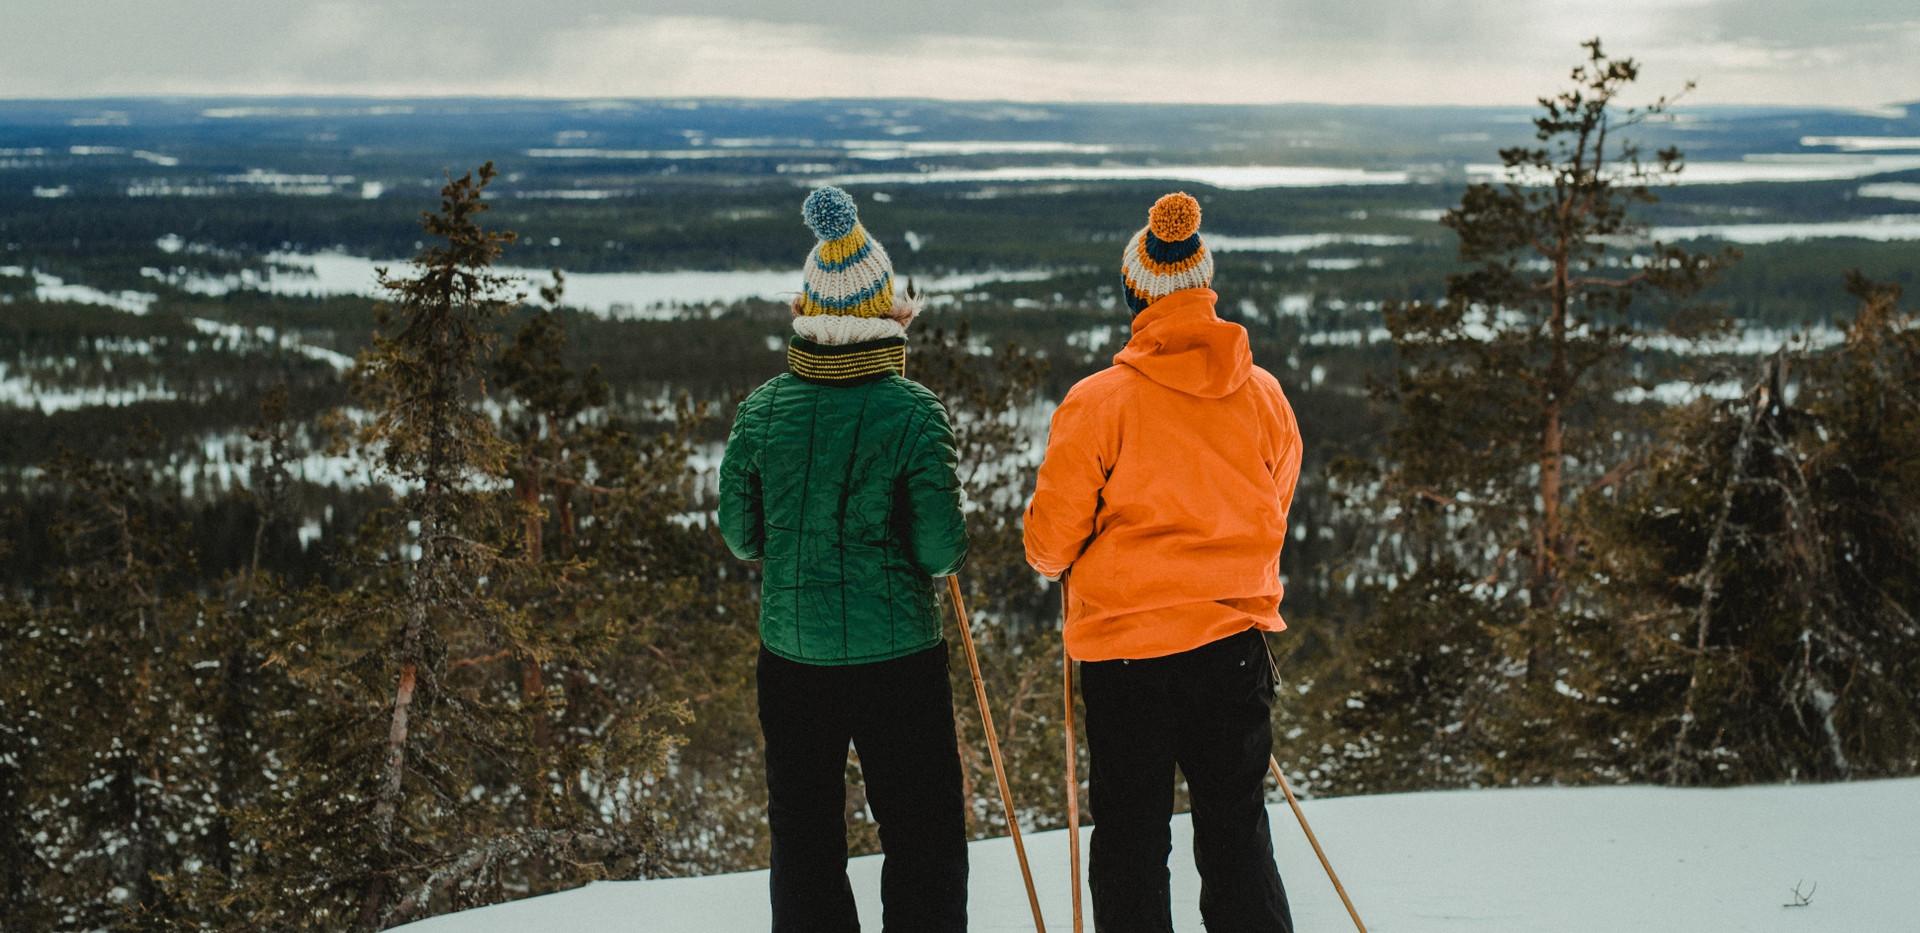 SNOW_lowres_photographer_Albert_Romppane